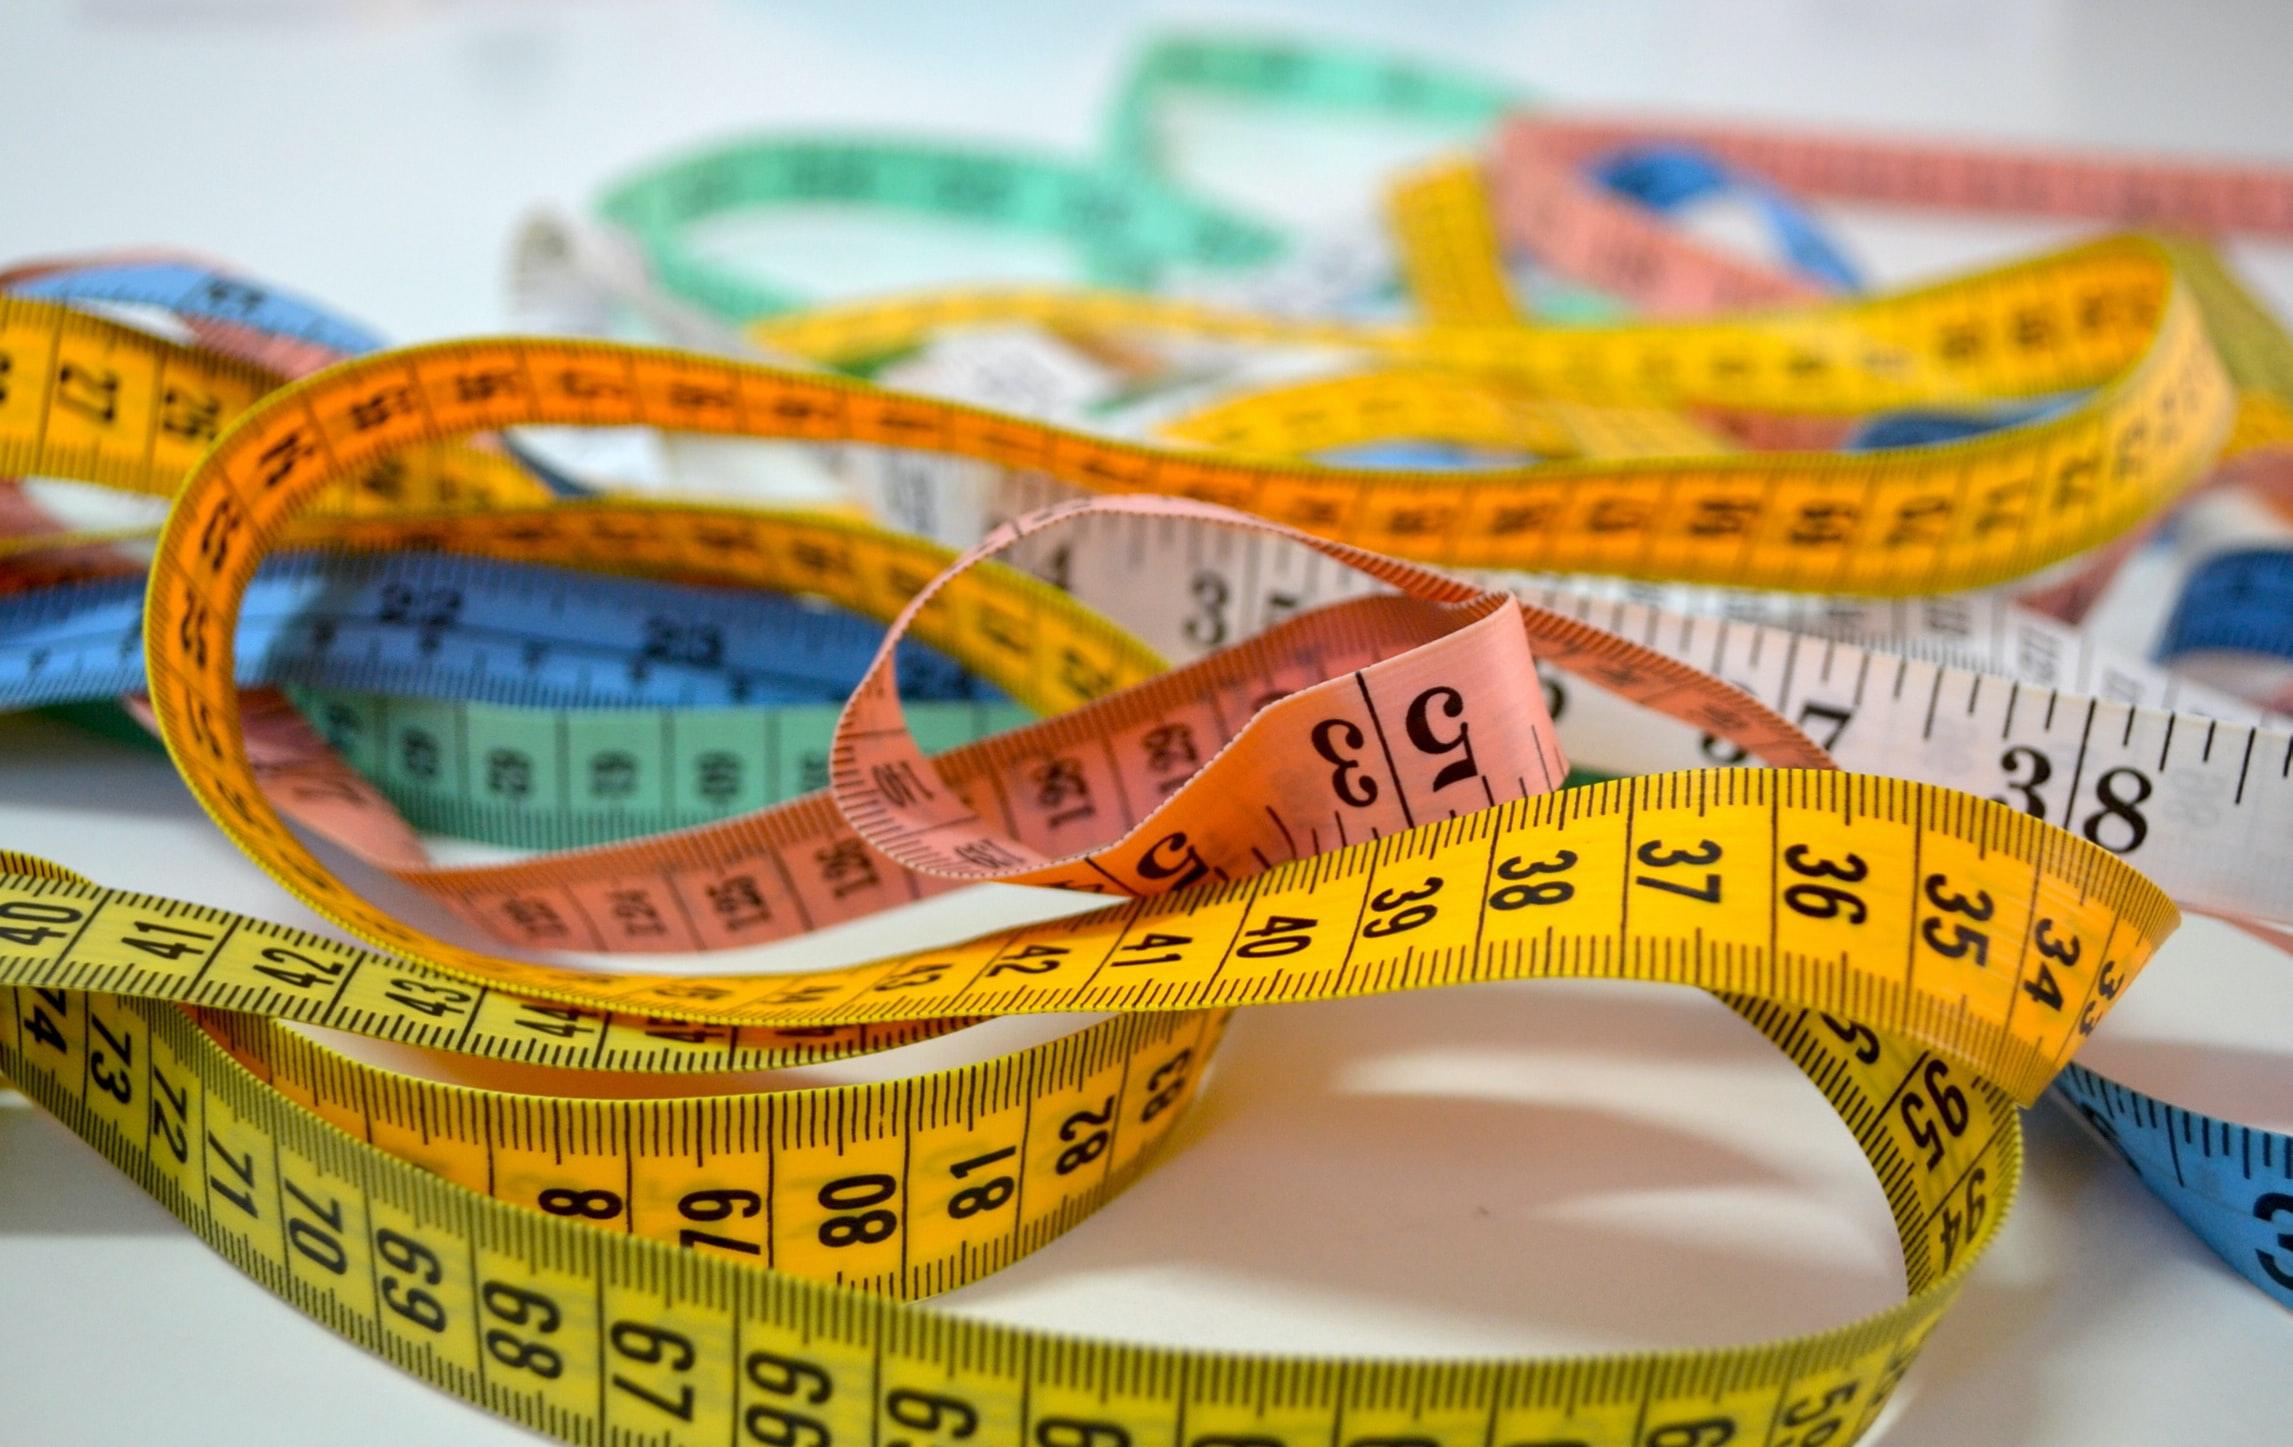 Dieta podatkowa SLIM VAT. Co warto wiedzieć projekcie uproszczenia i unowocześnienia rozliczeń VAT.